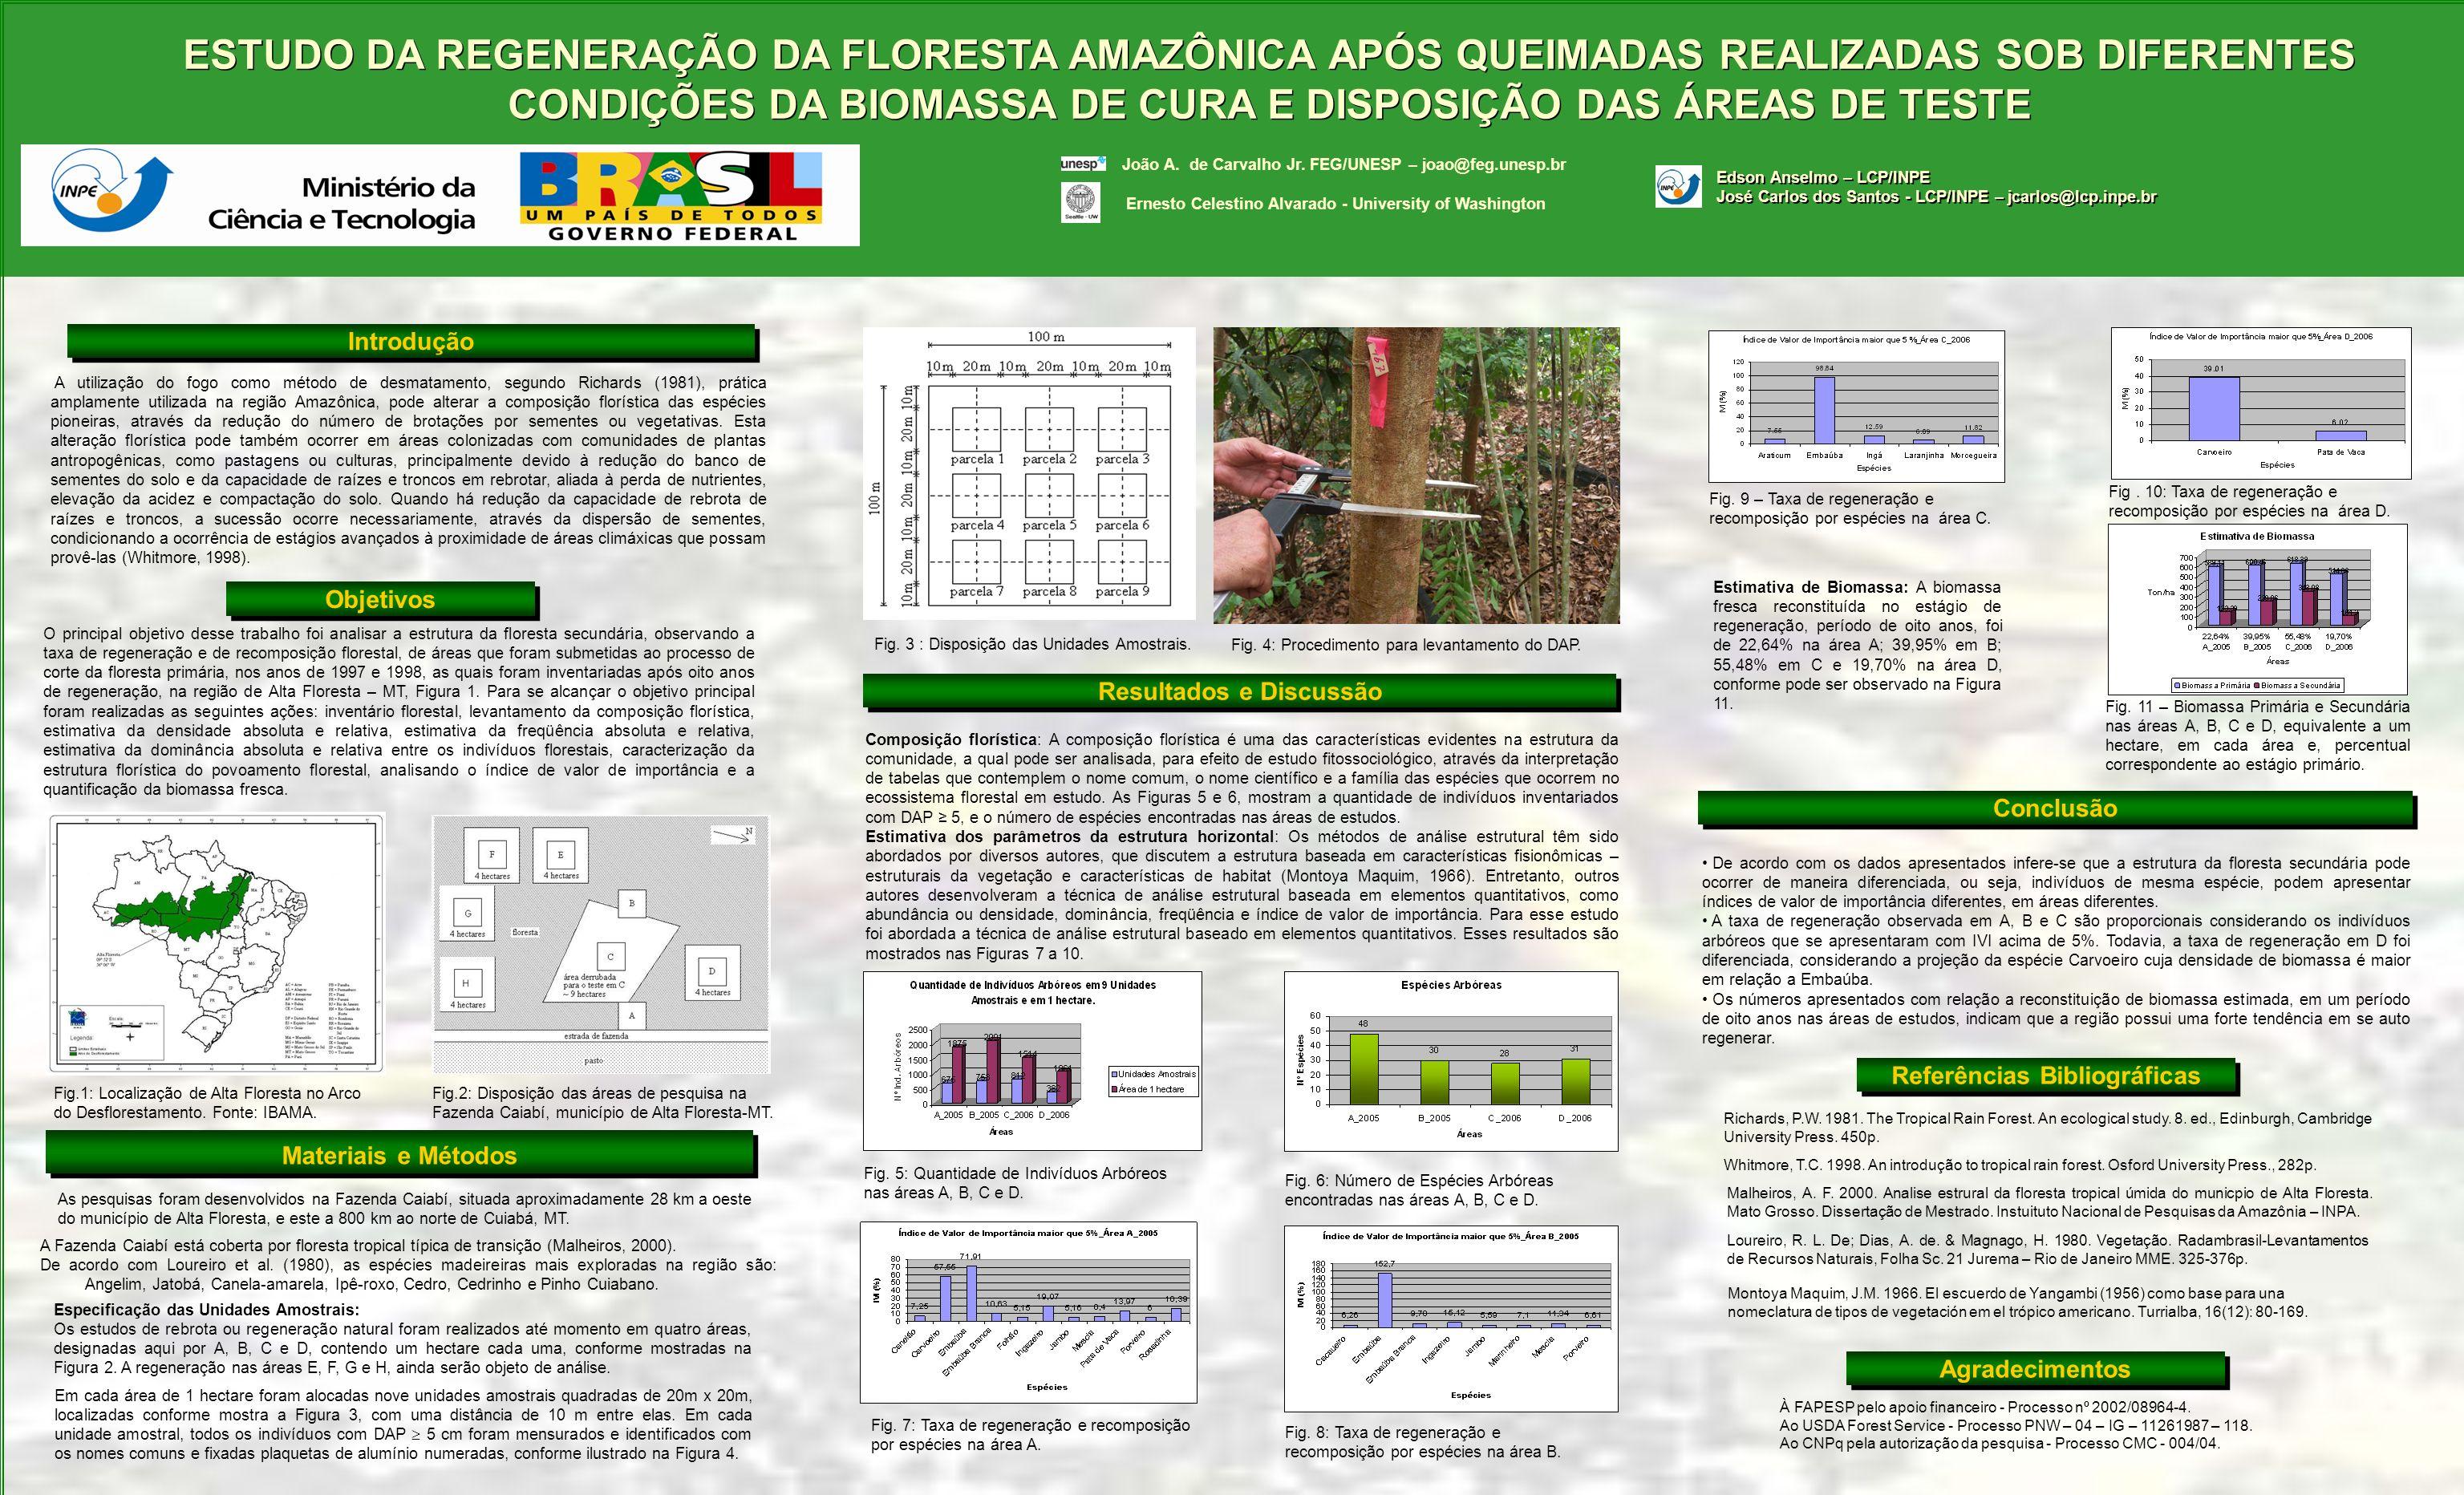 ESTUDO DA REGENERAÇÃO DA FLORESTA AMAZÔNICA APÓS QUEIMADAS REALIZADAS SOB DIFERENTES CONDIÇÕES DA BIOMASSA DE CURA E DISPOSIÇÃO DAS ÁREAS DE TESTE Int